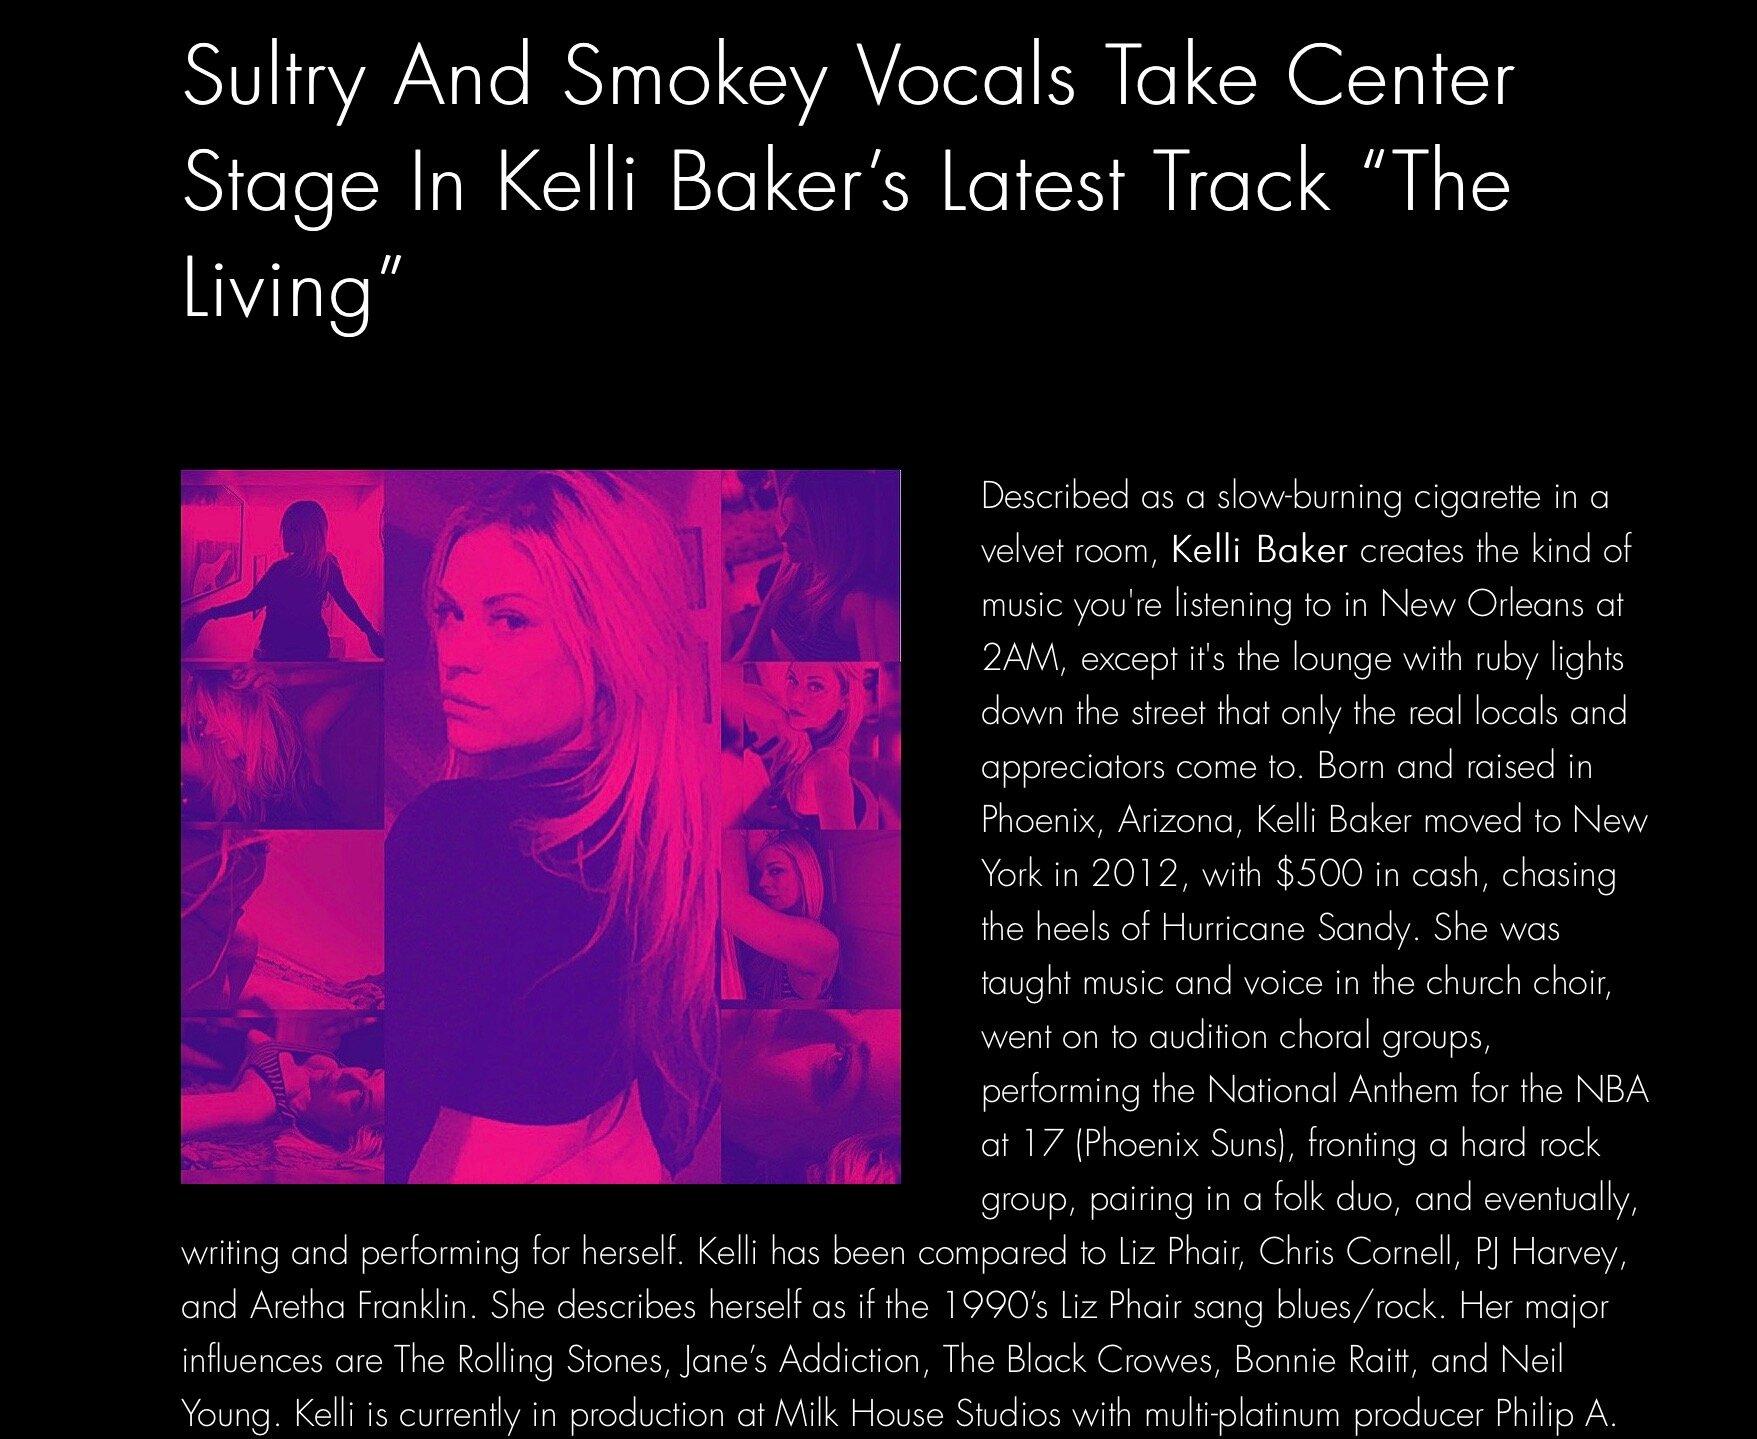 Buzz Music Article,September 2019 - www.buzz-music.com